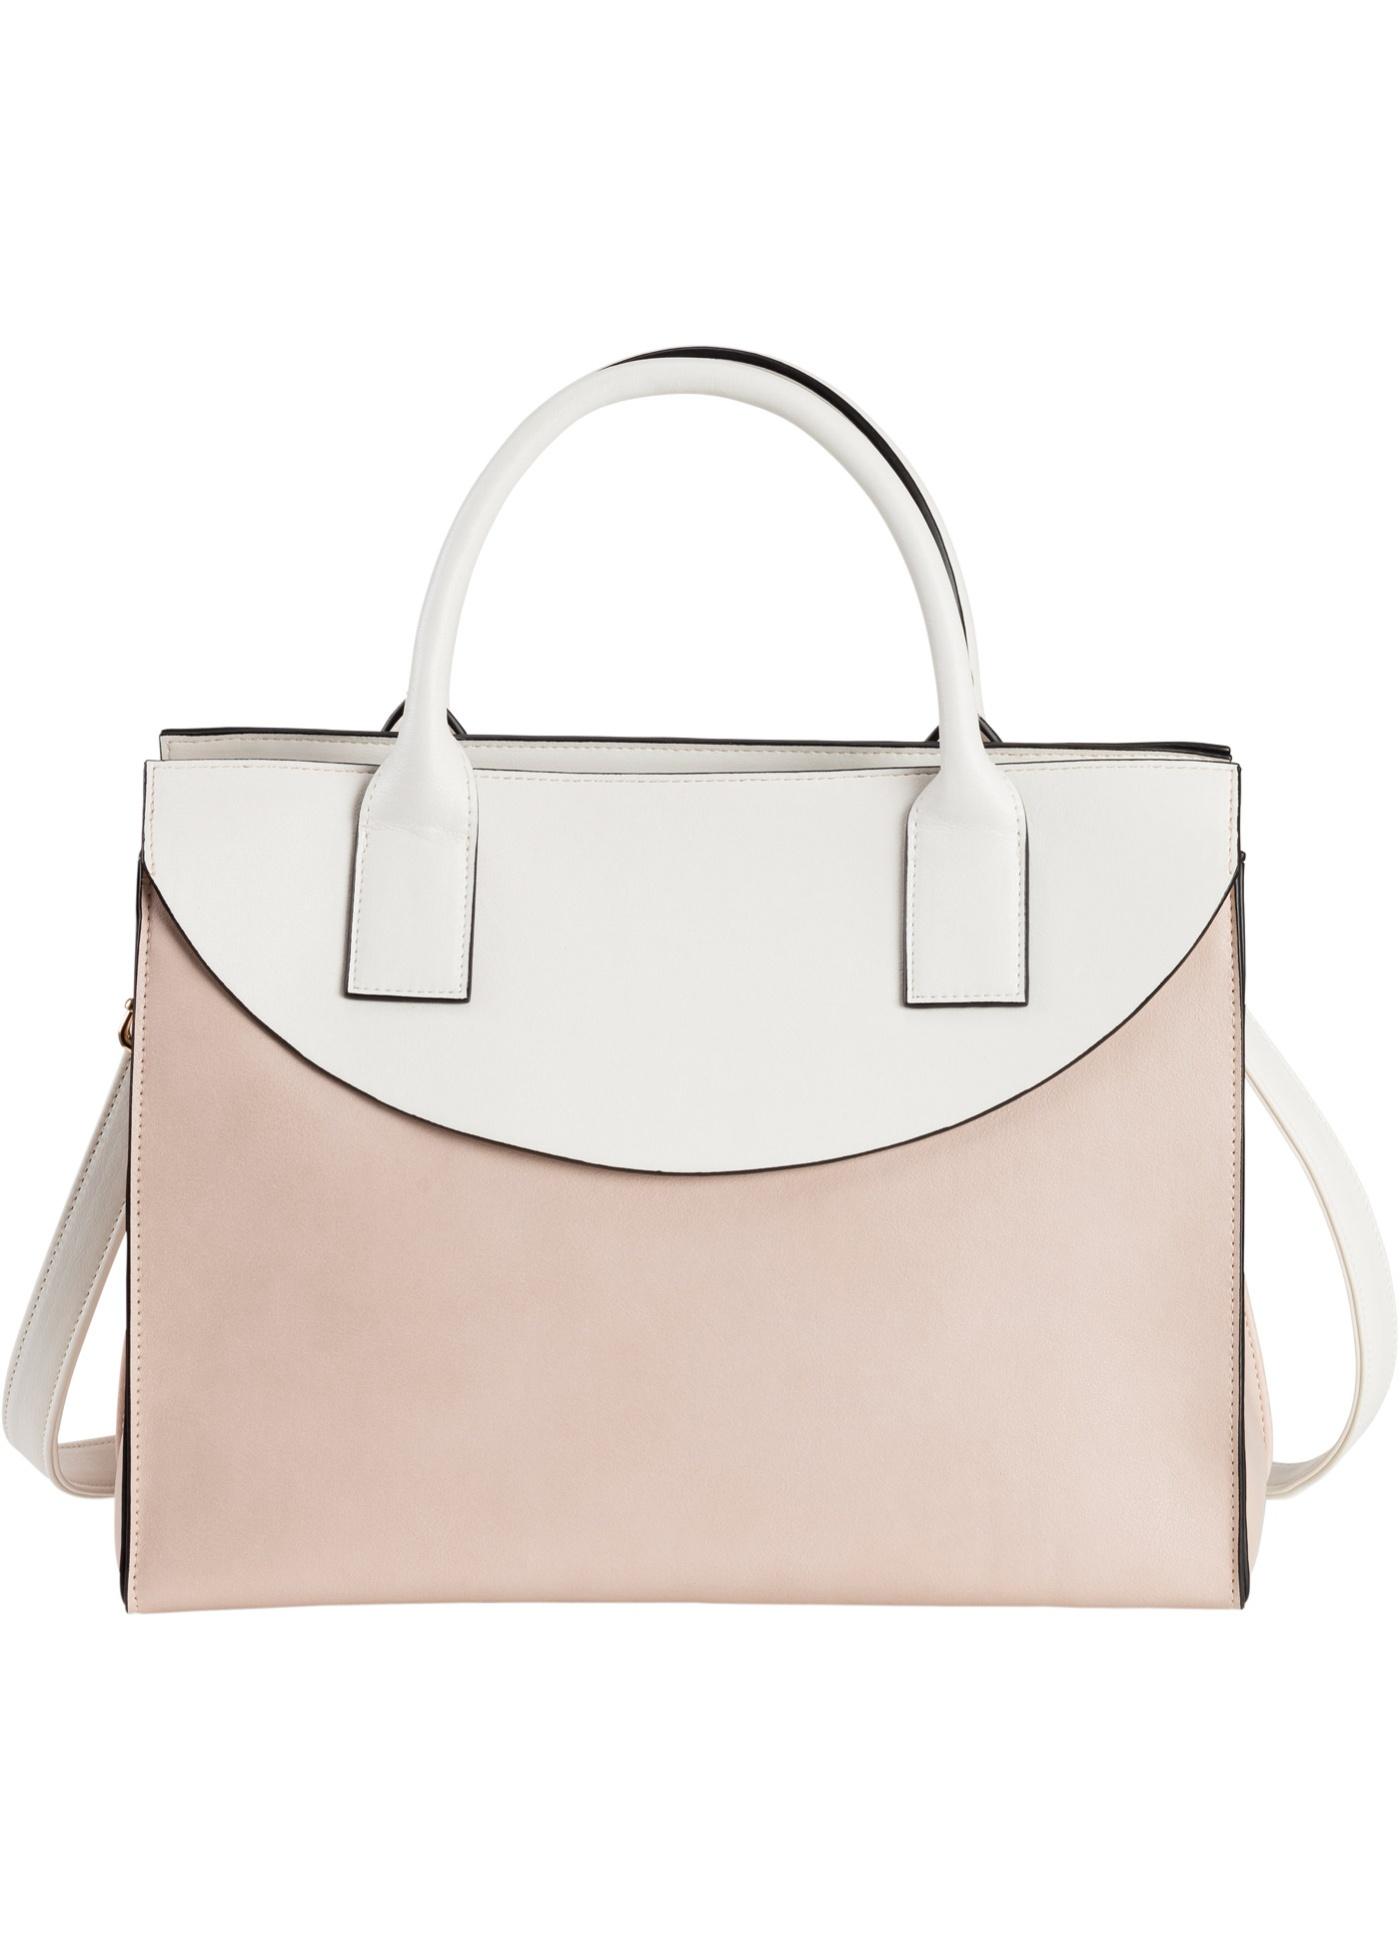 Ce sac est très élégant et se combine aussi avec toutes les tenues de bureau. Dim. (lxHxP) : 26x31,5x17 cm.